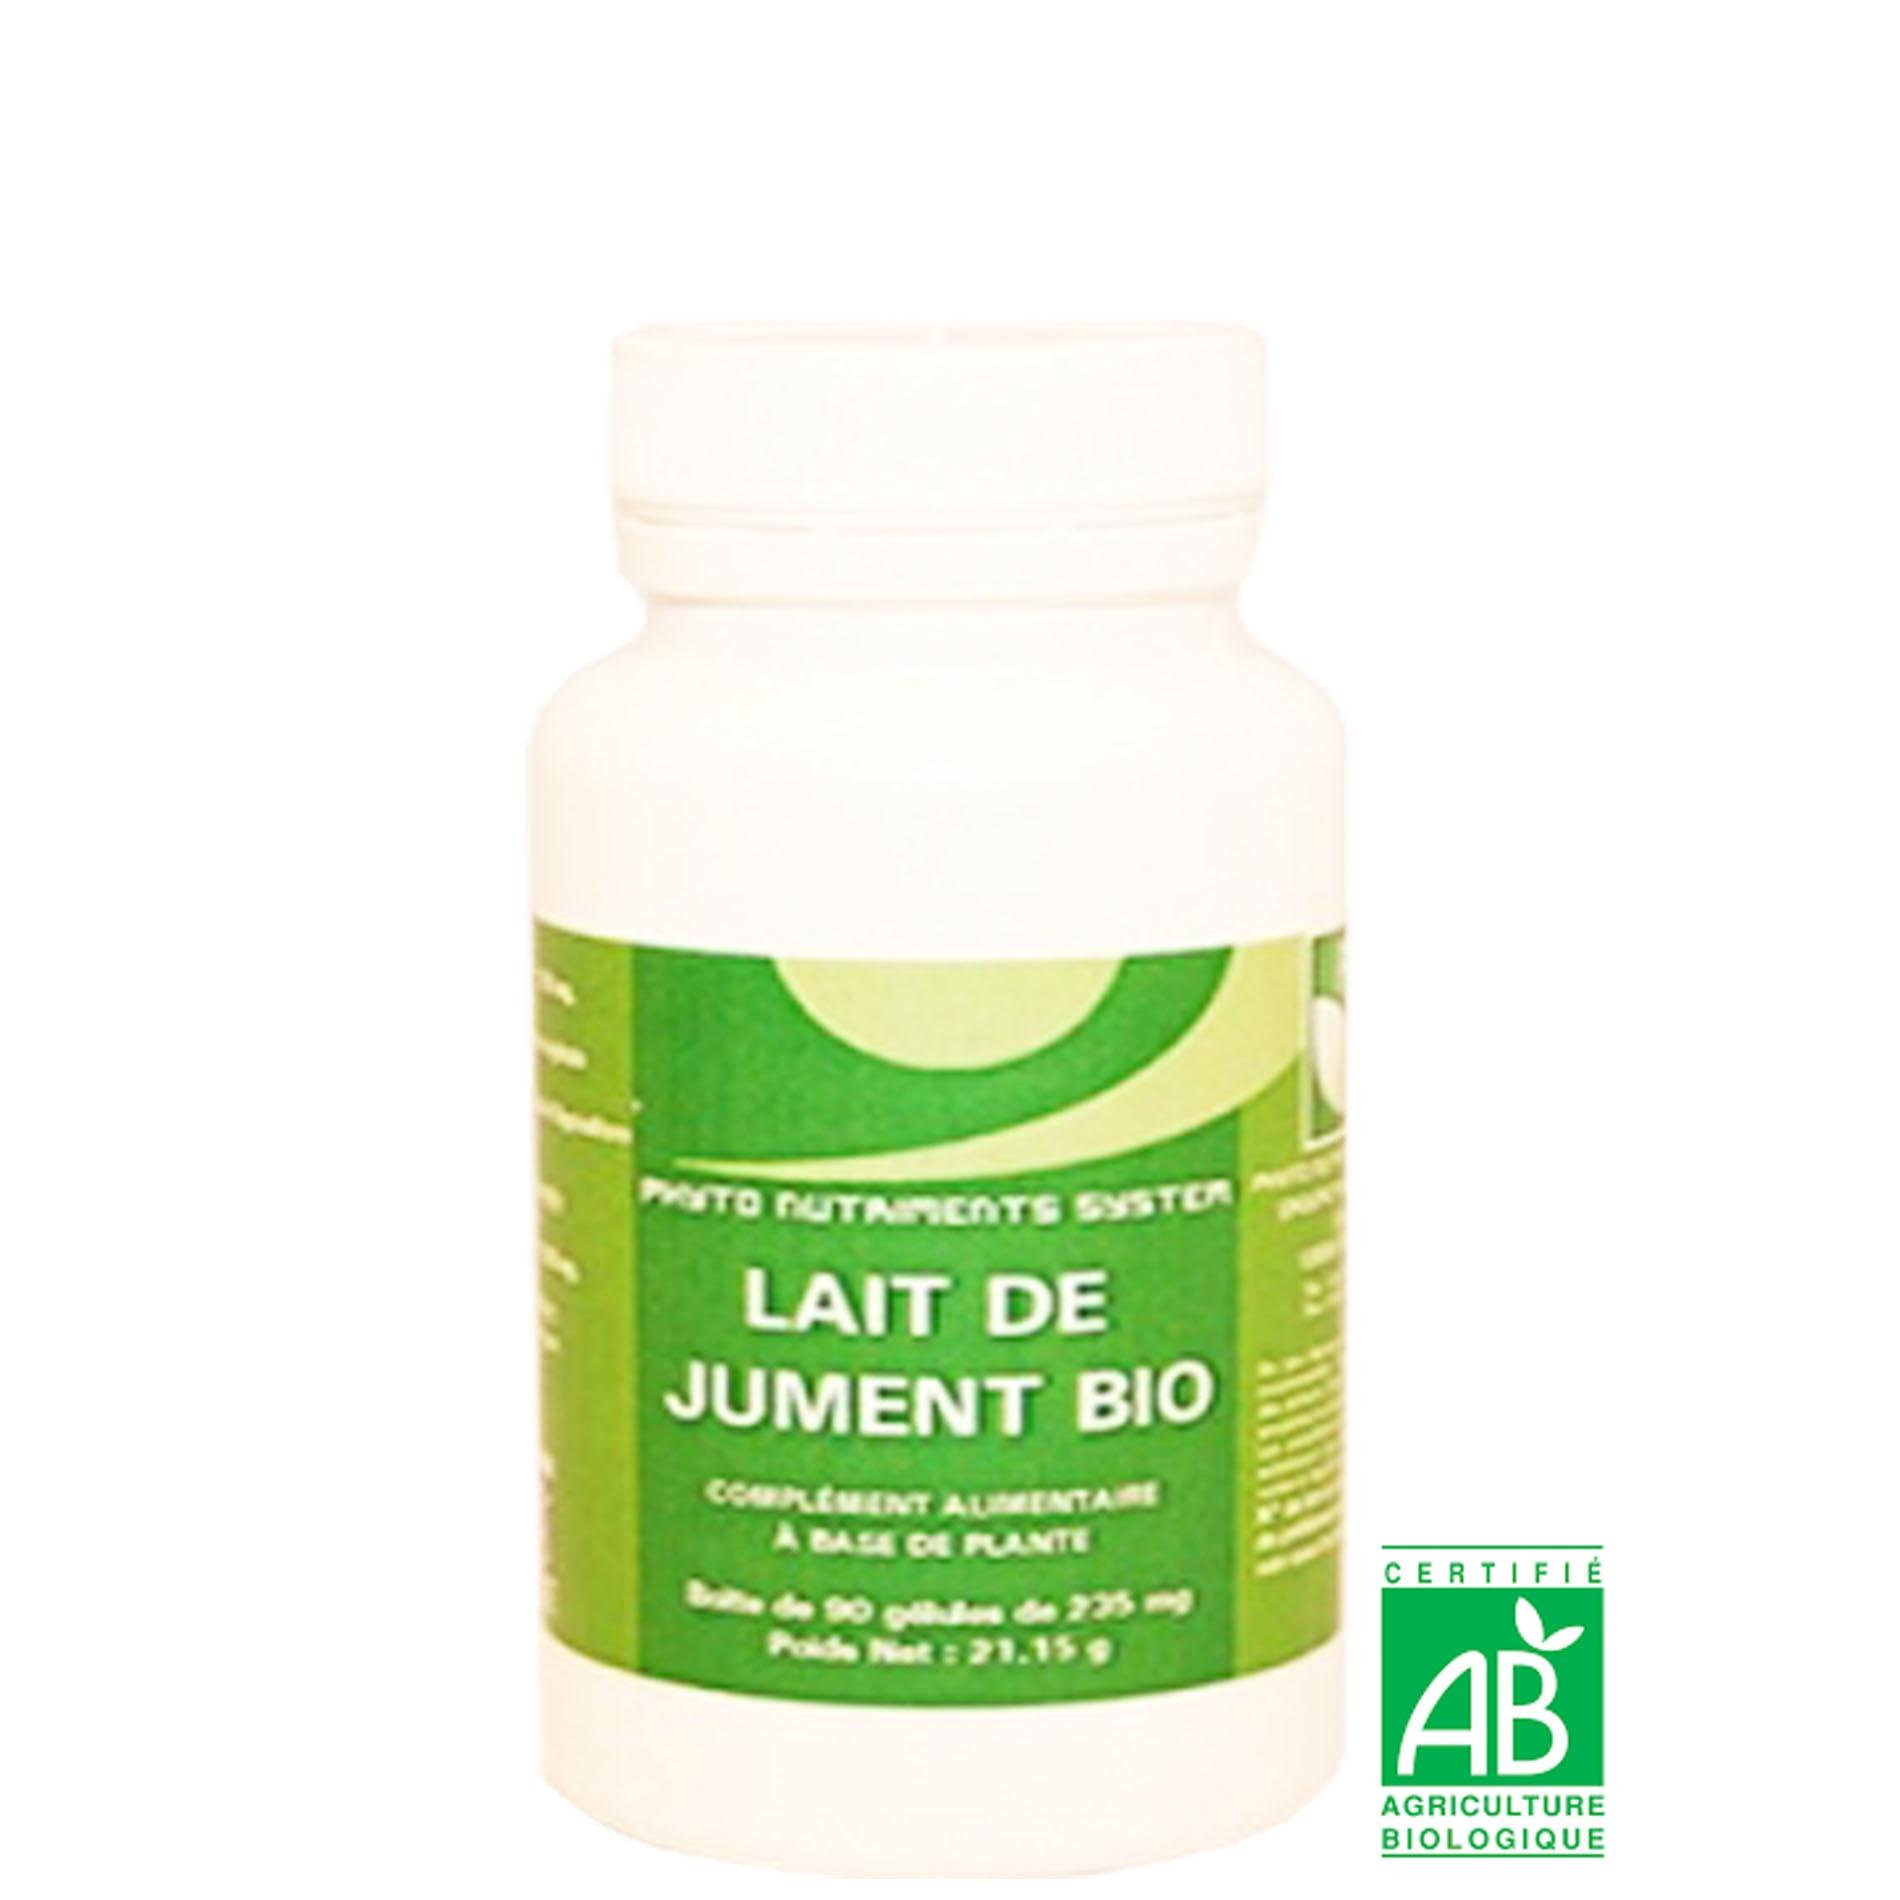 phytotherapie-lait-de-jument-bio